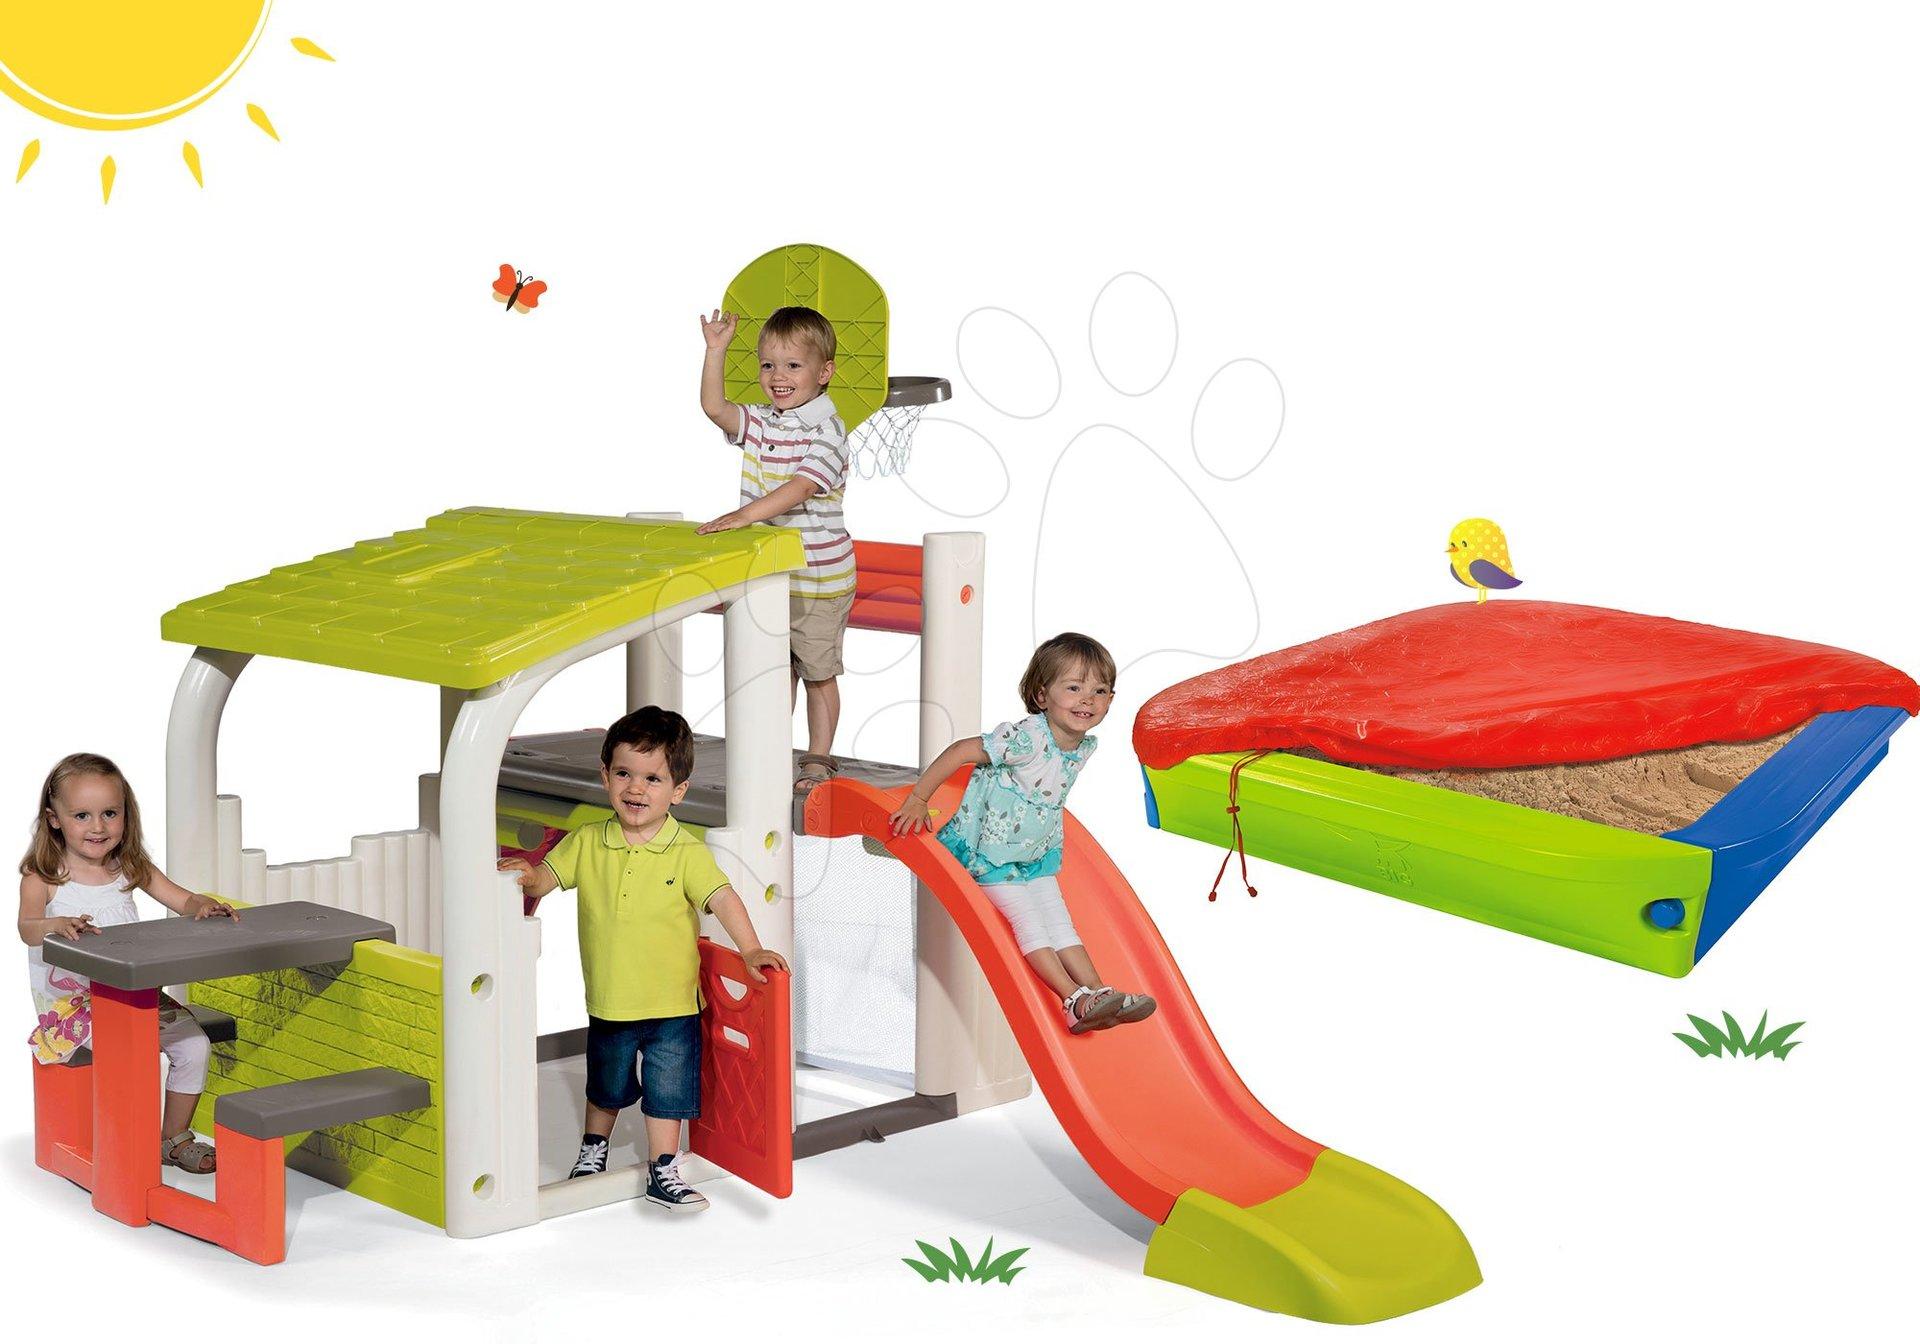 Szett játszótér Fun Center Smoby csúszdával hossza 150 cm és színes homokozó takaróponyvával 24 hó-tól